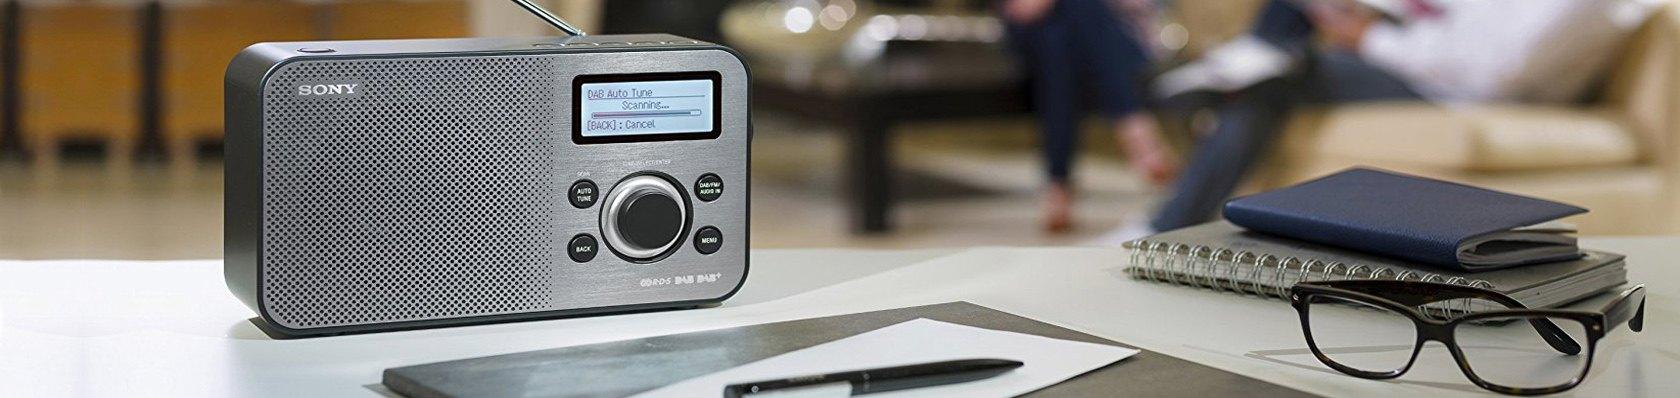 Digitalradios im Test auf ExpertenTesten.de